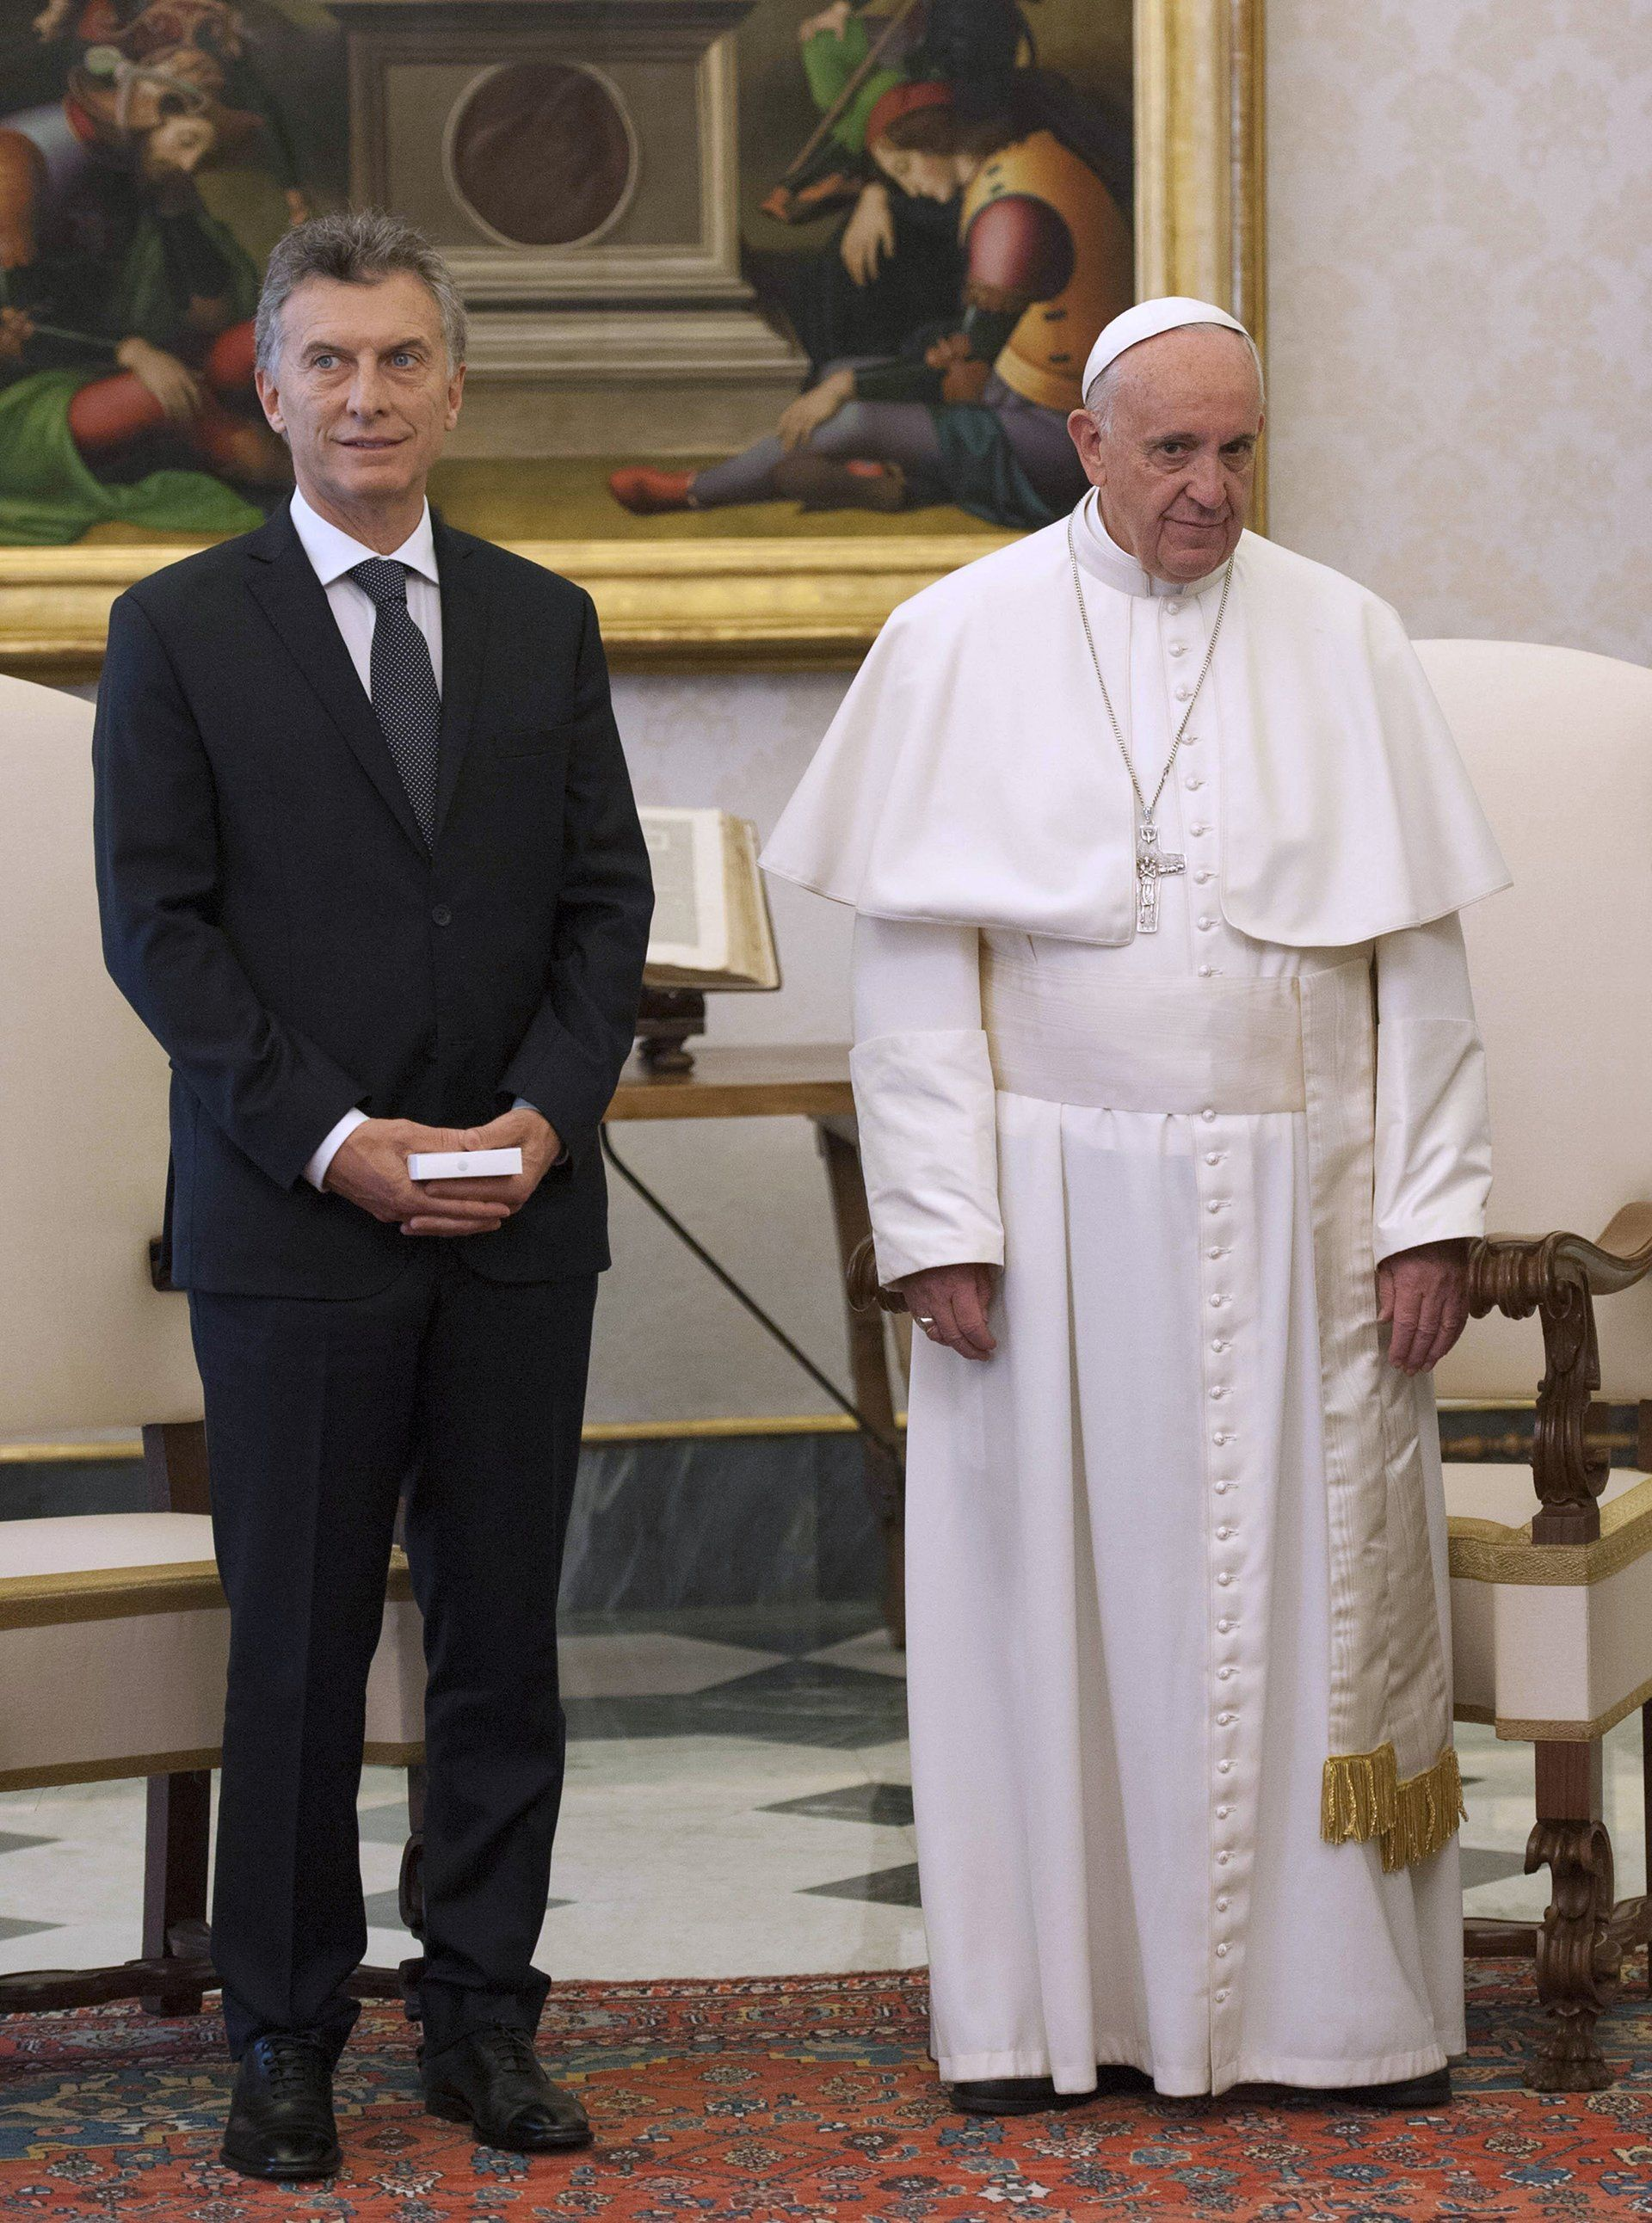 Macri en su +ultima visita a Francisco